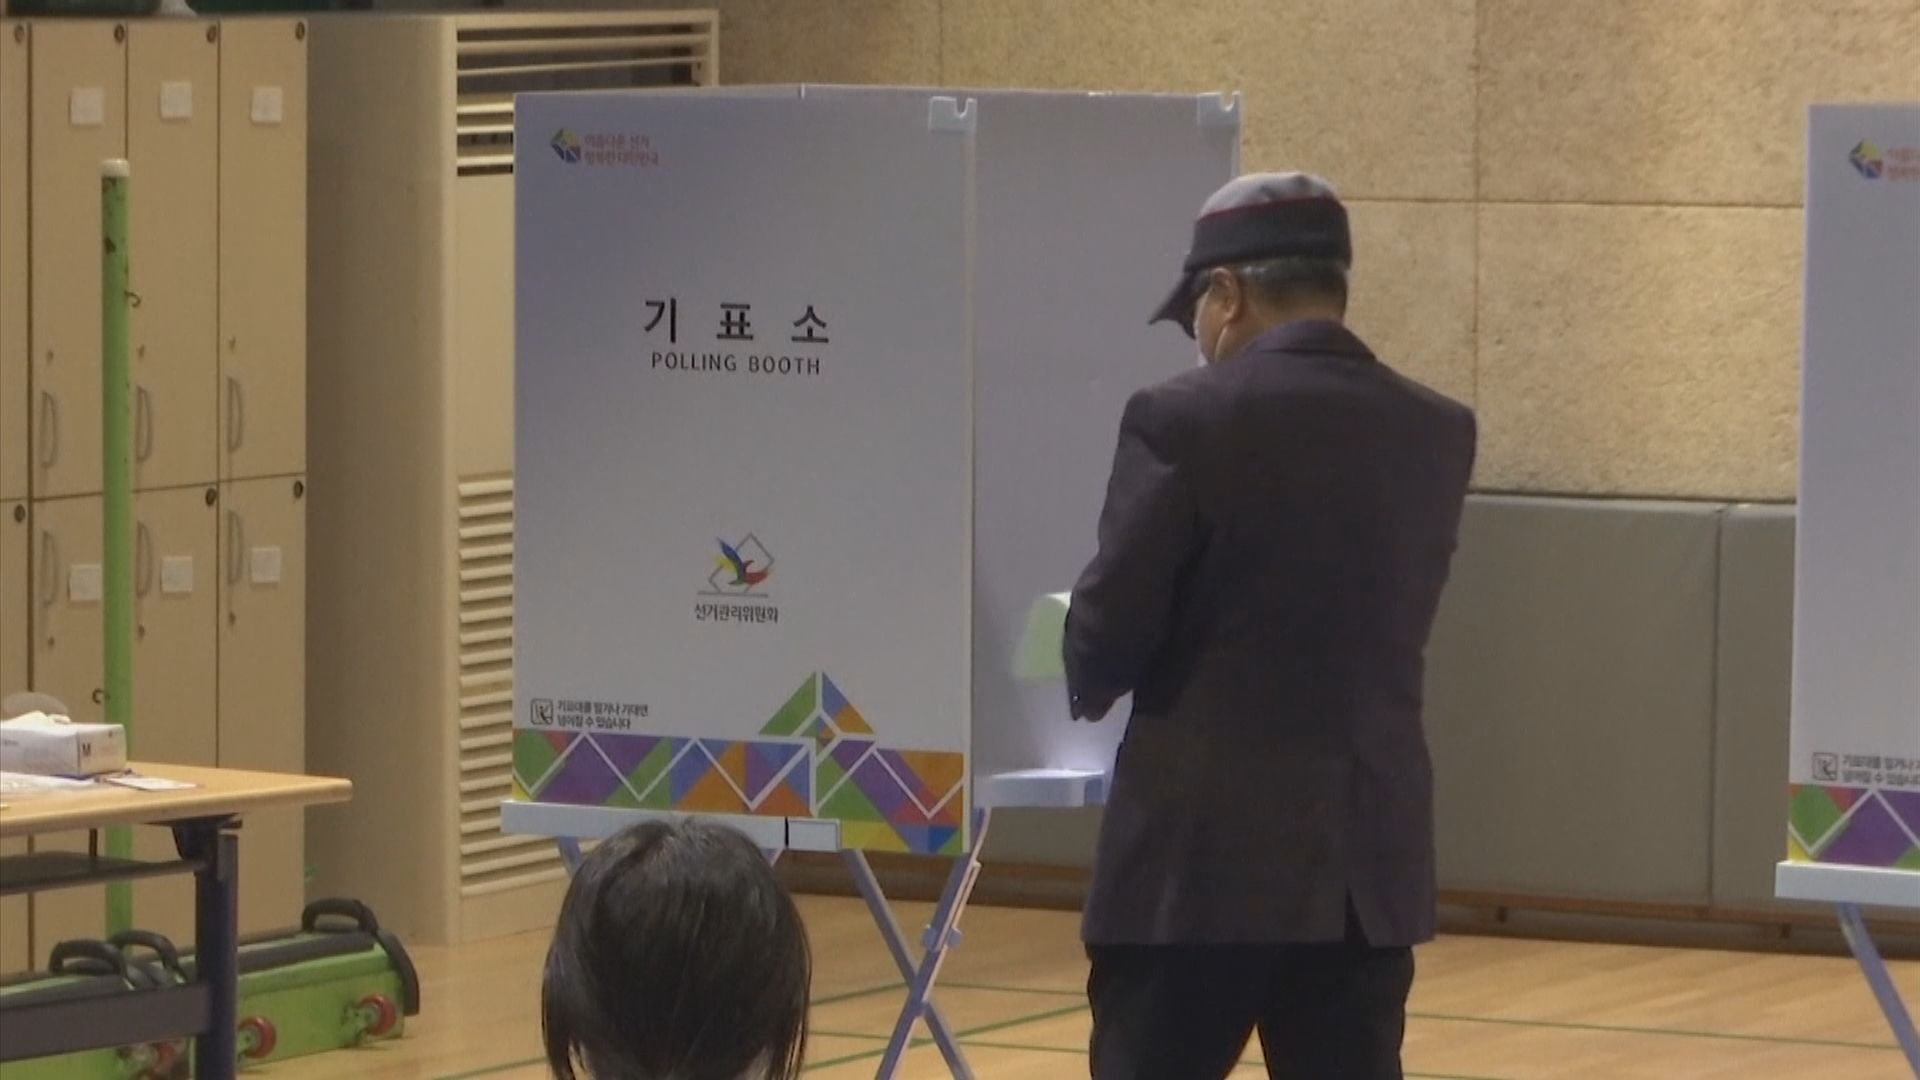 南韓舉行國會選舉 選民入票站前要消毒雙手和戴上手套